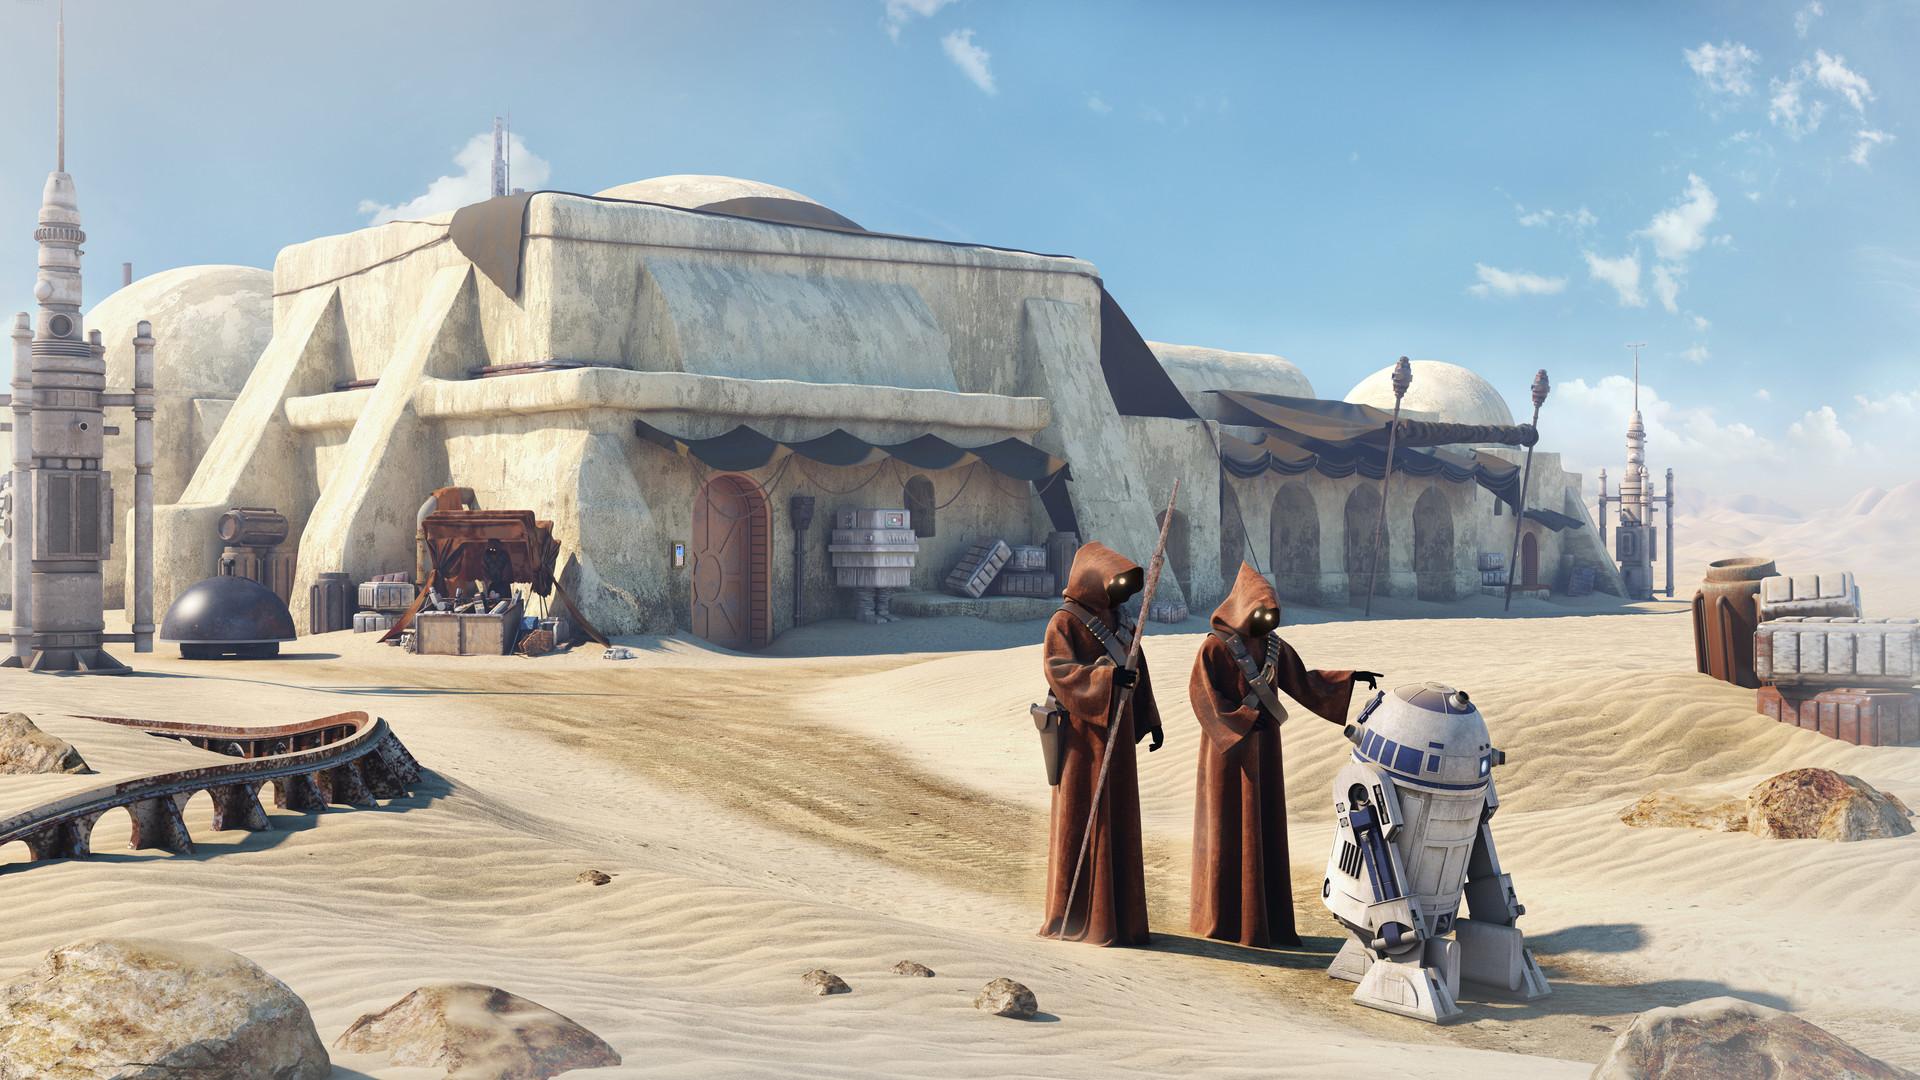 Cantor do rap está se dedicando cada vez mais à arquitetura e agora anuncia que fará casas para sem teto inspiradas em Star Wars. Foto: Star Wars/Divulgação